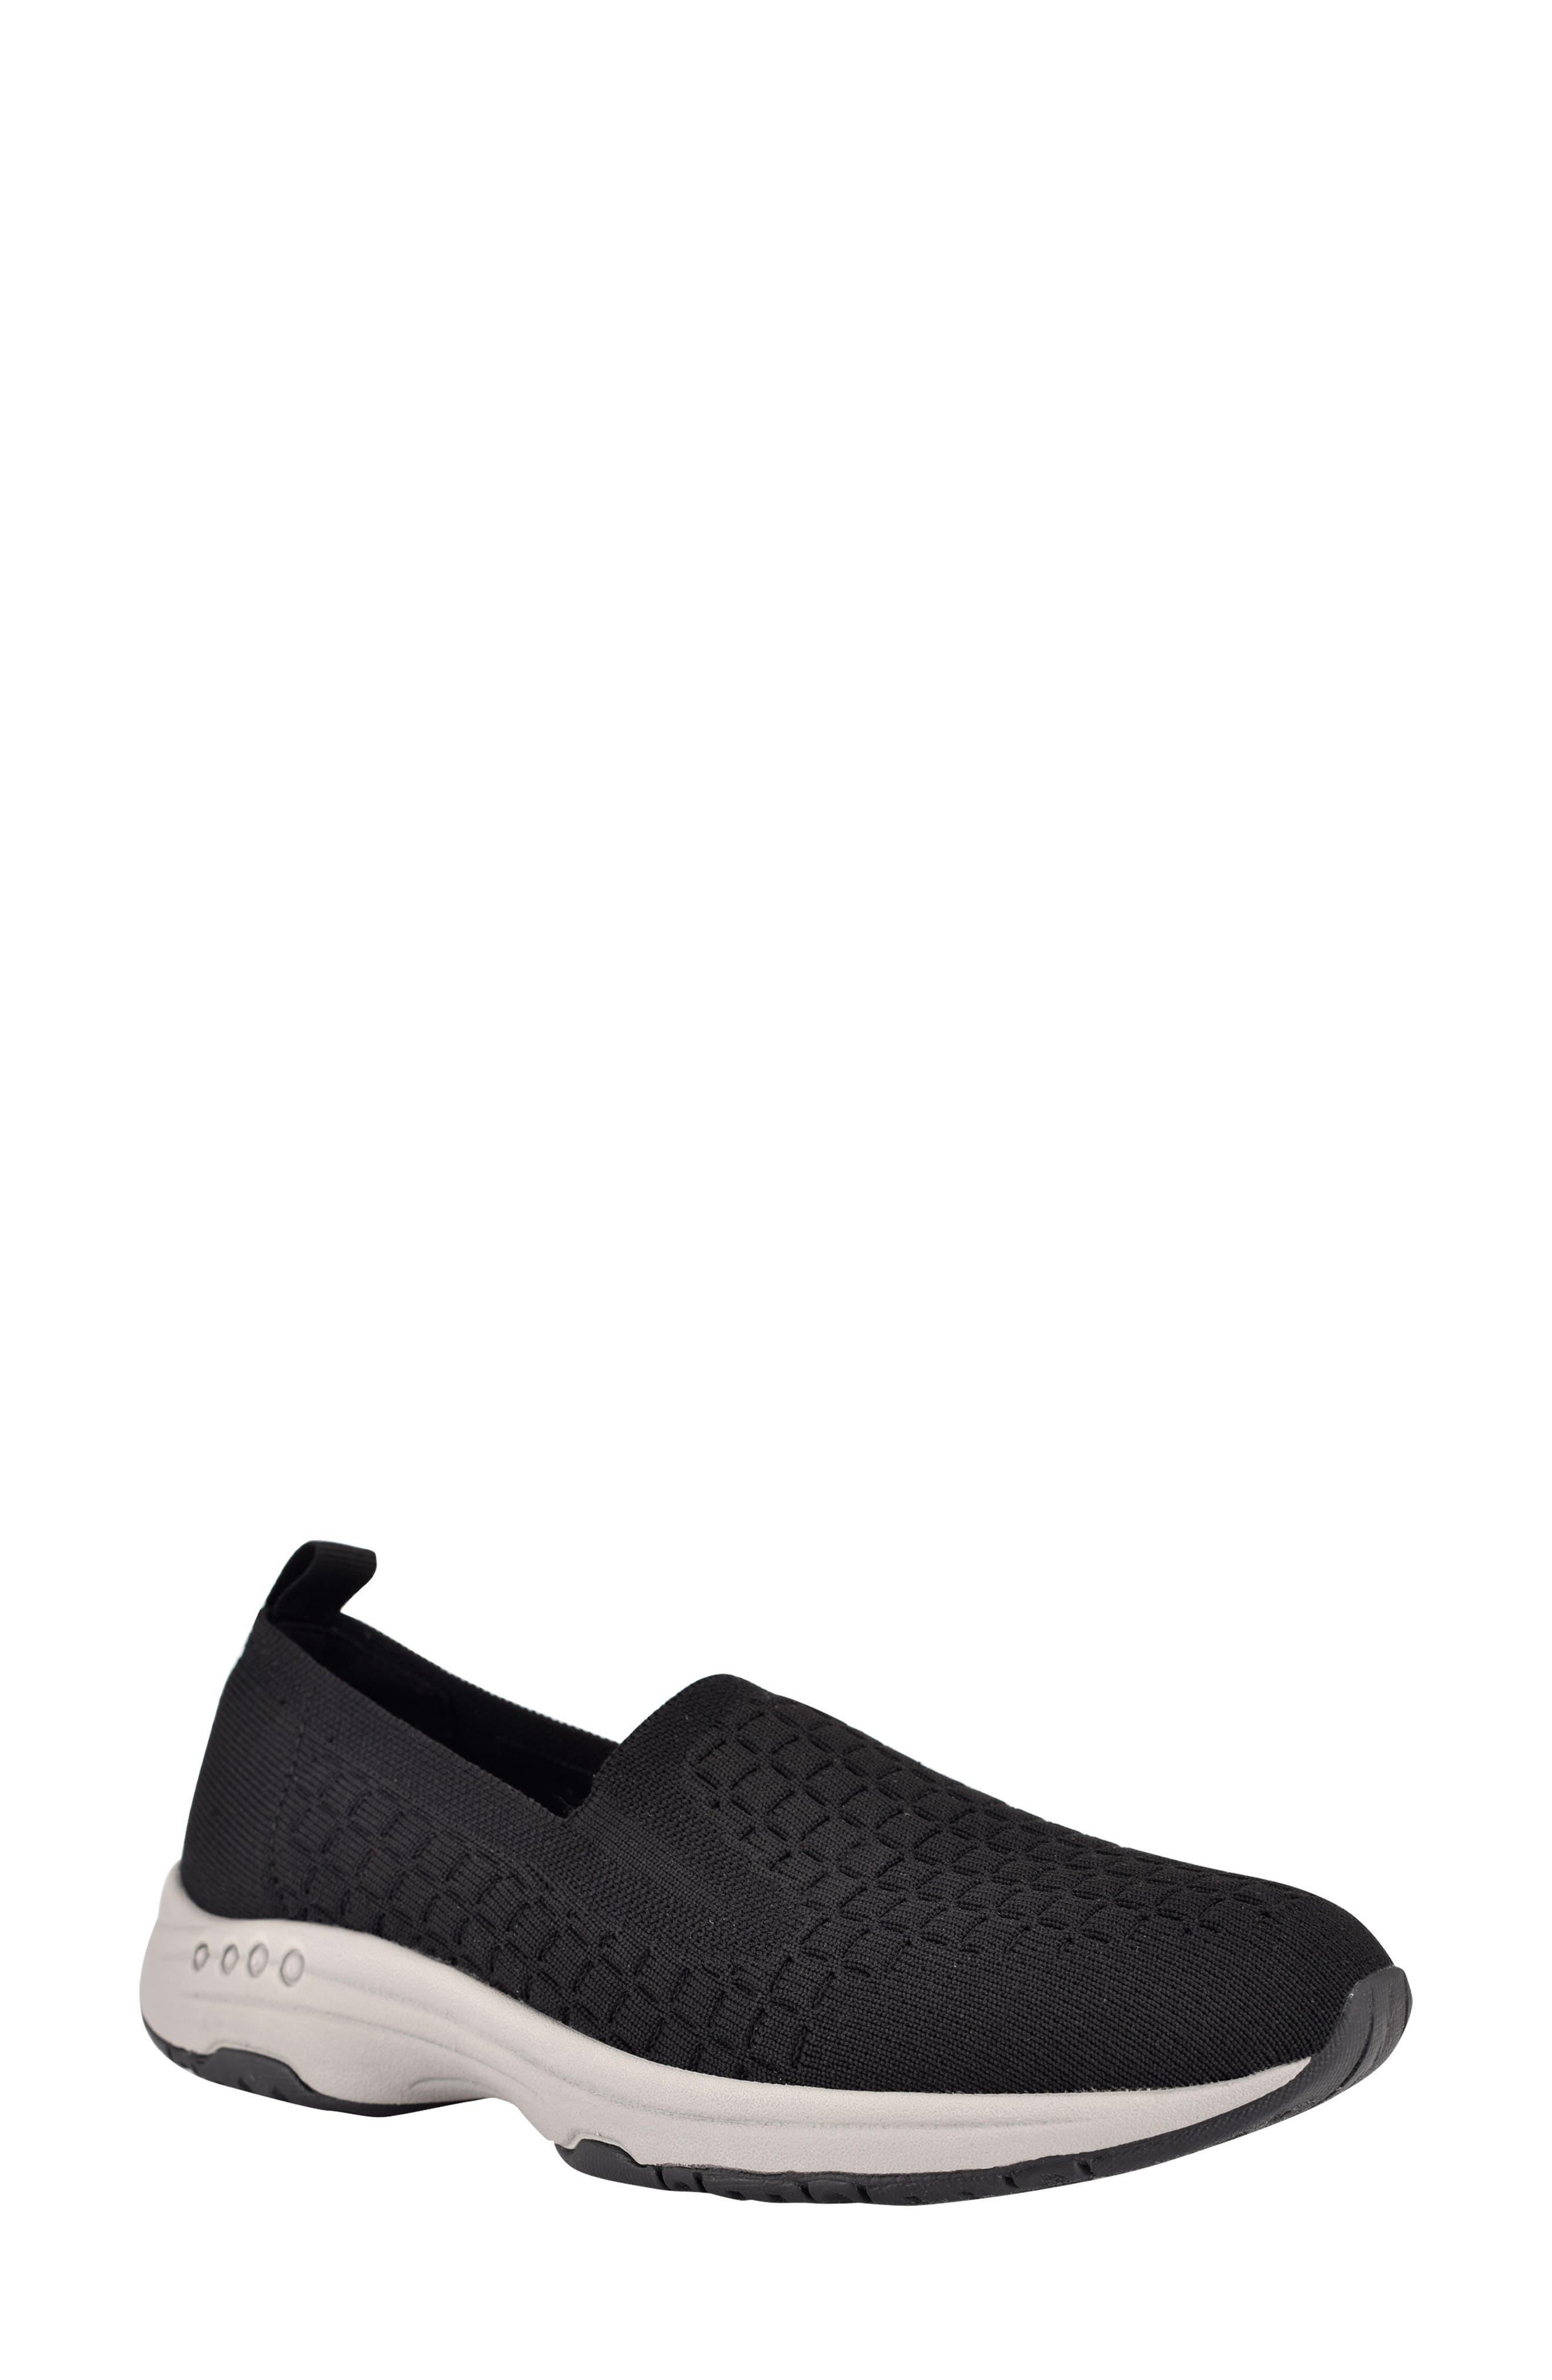 Eco Tech 2 Slip-On Sneaker